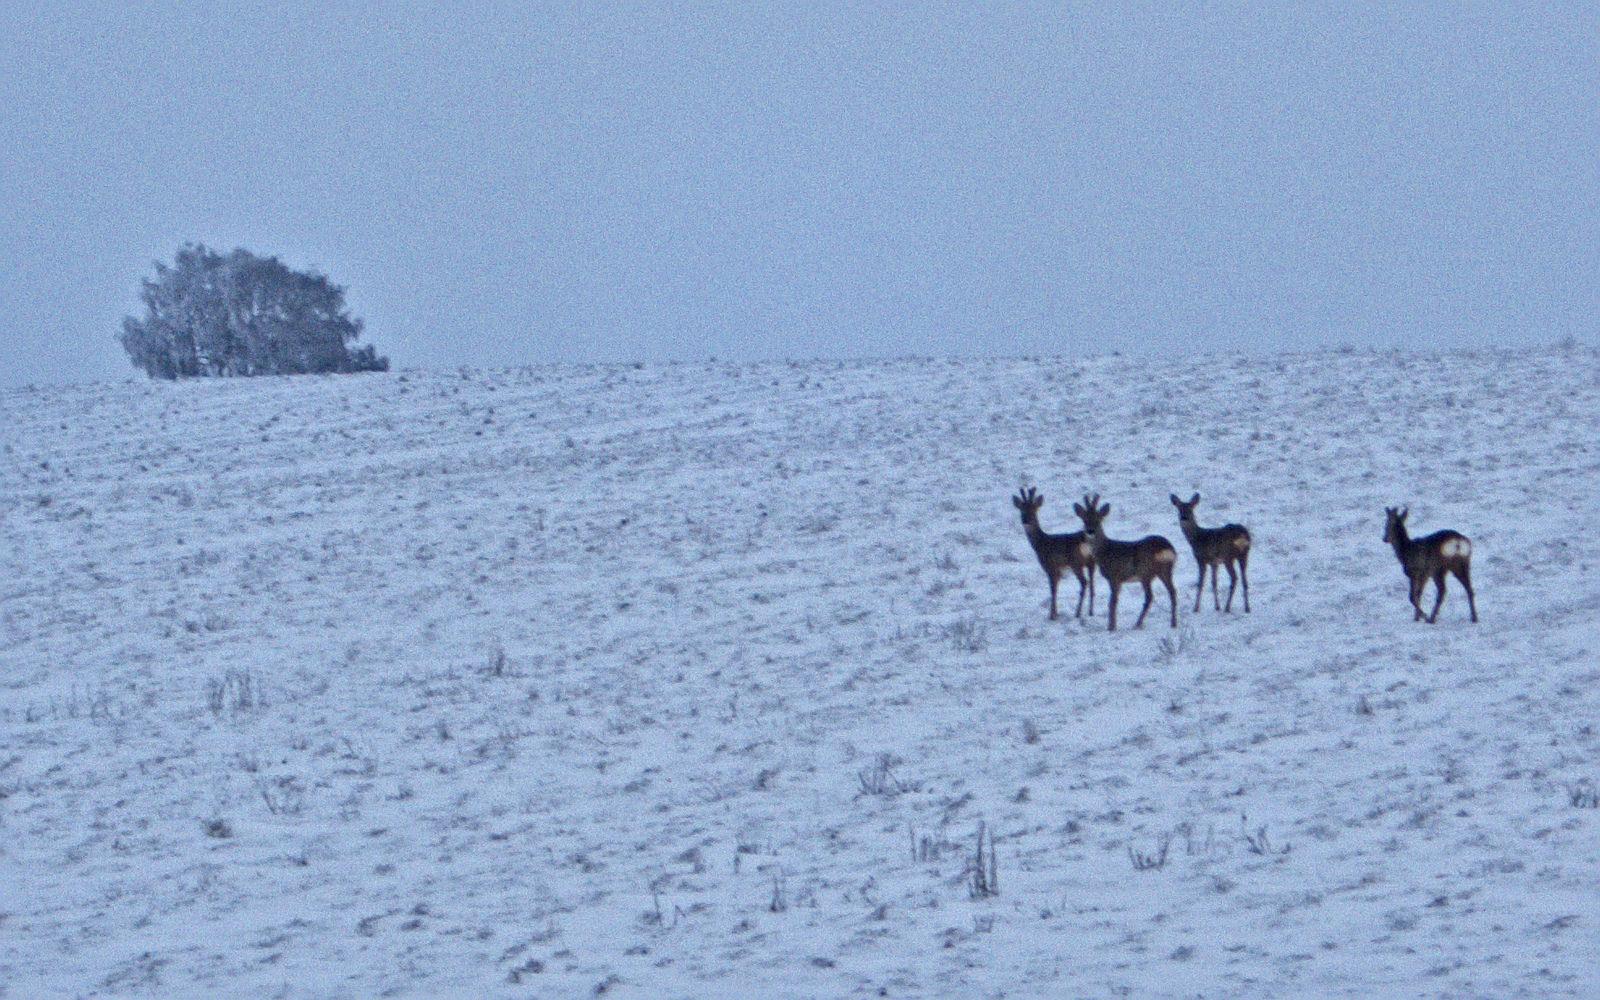 Apero-conf Mardi 28 février à 18h30 : Matthias DAUB : Passer l'hiver : comment les animaux et les plantes s'adaptent-ils à la saison froide ?